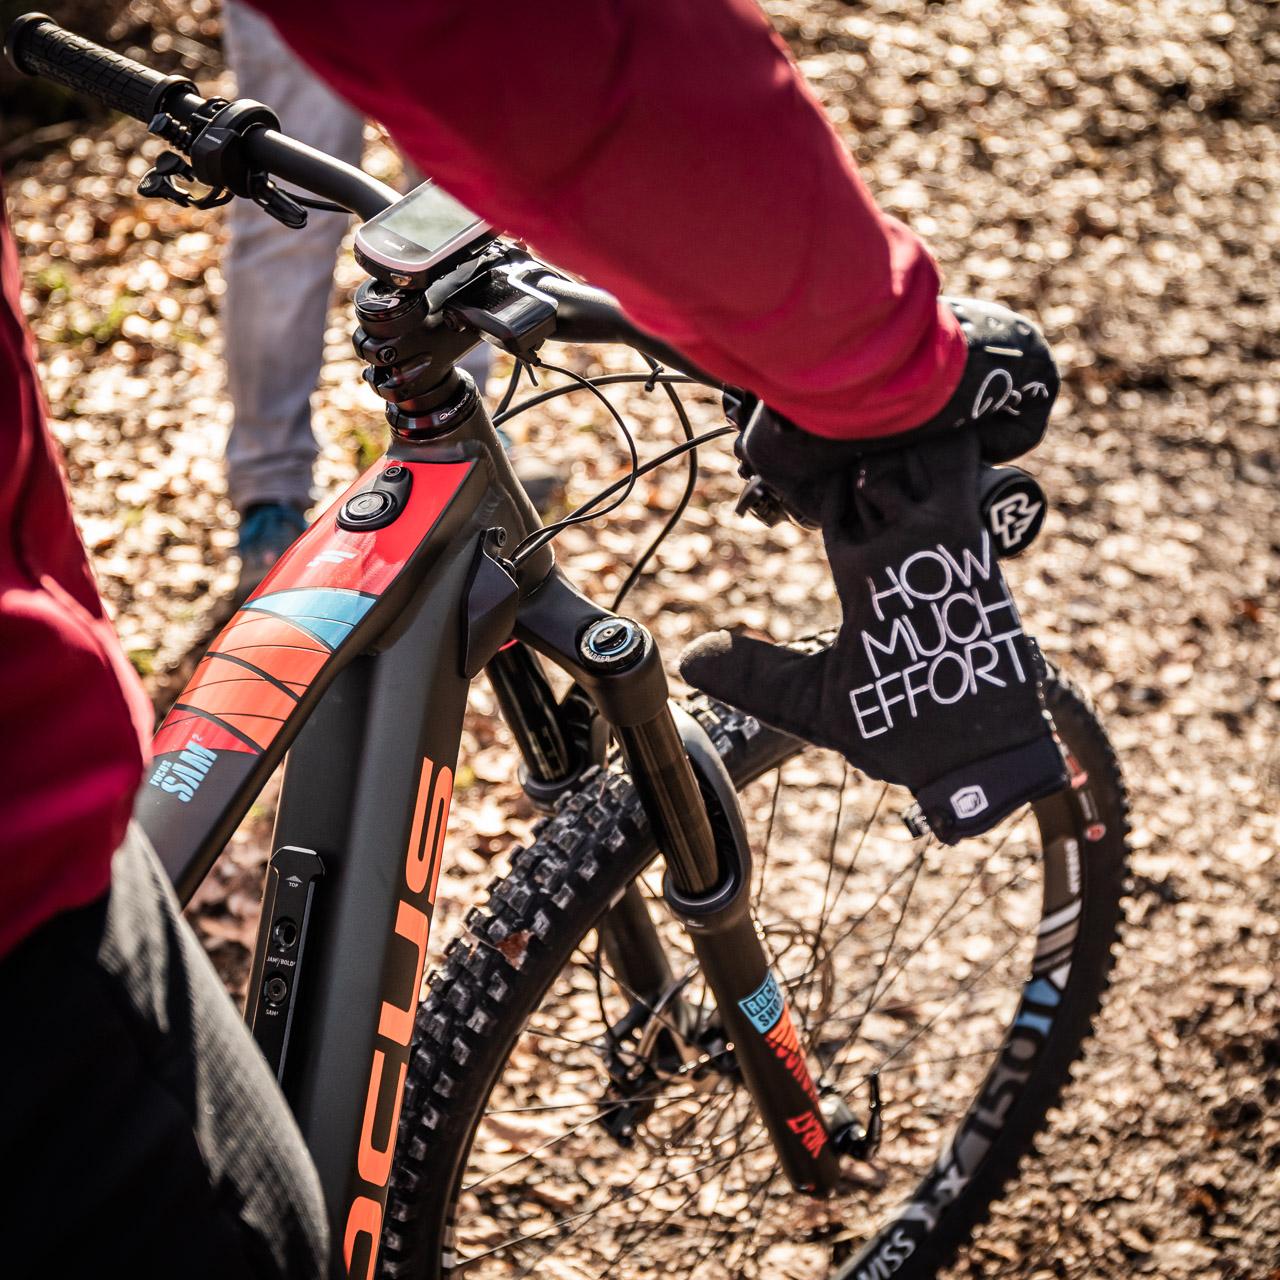 FOCUS-Bikes-E-MTB-Reach-Test-2019-_MG_9988